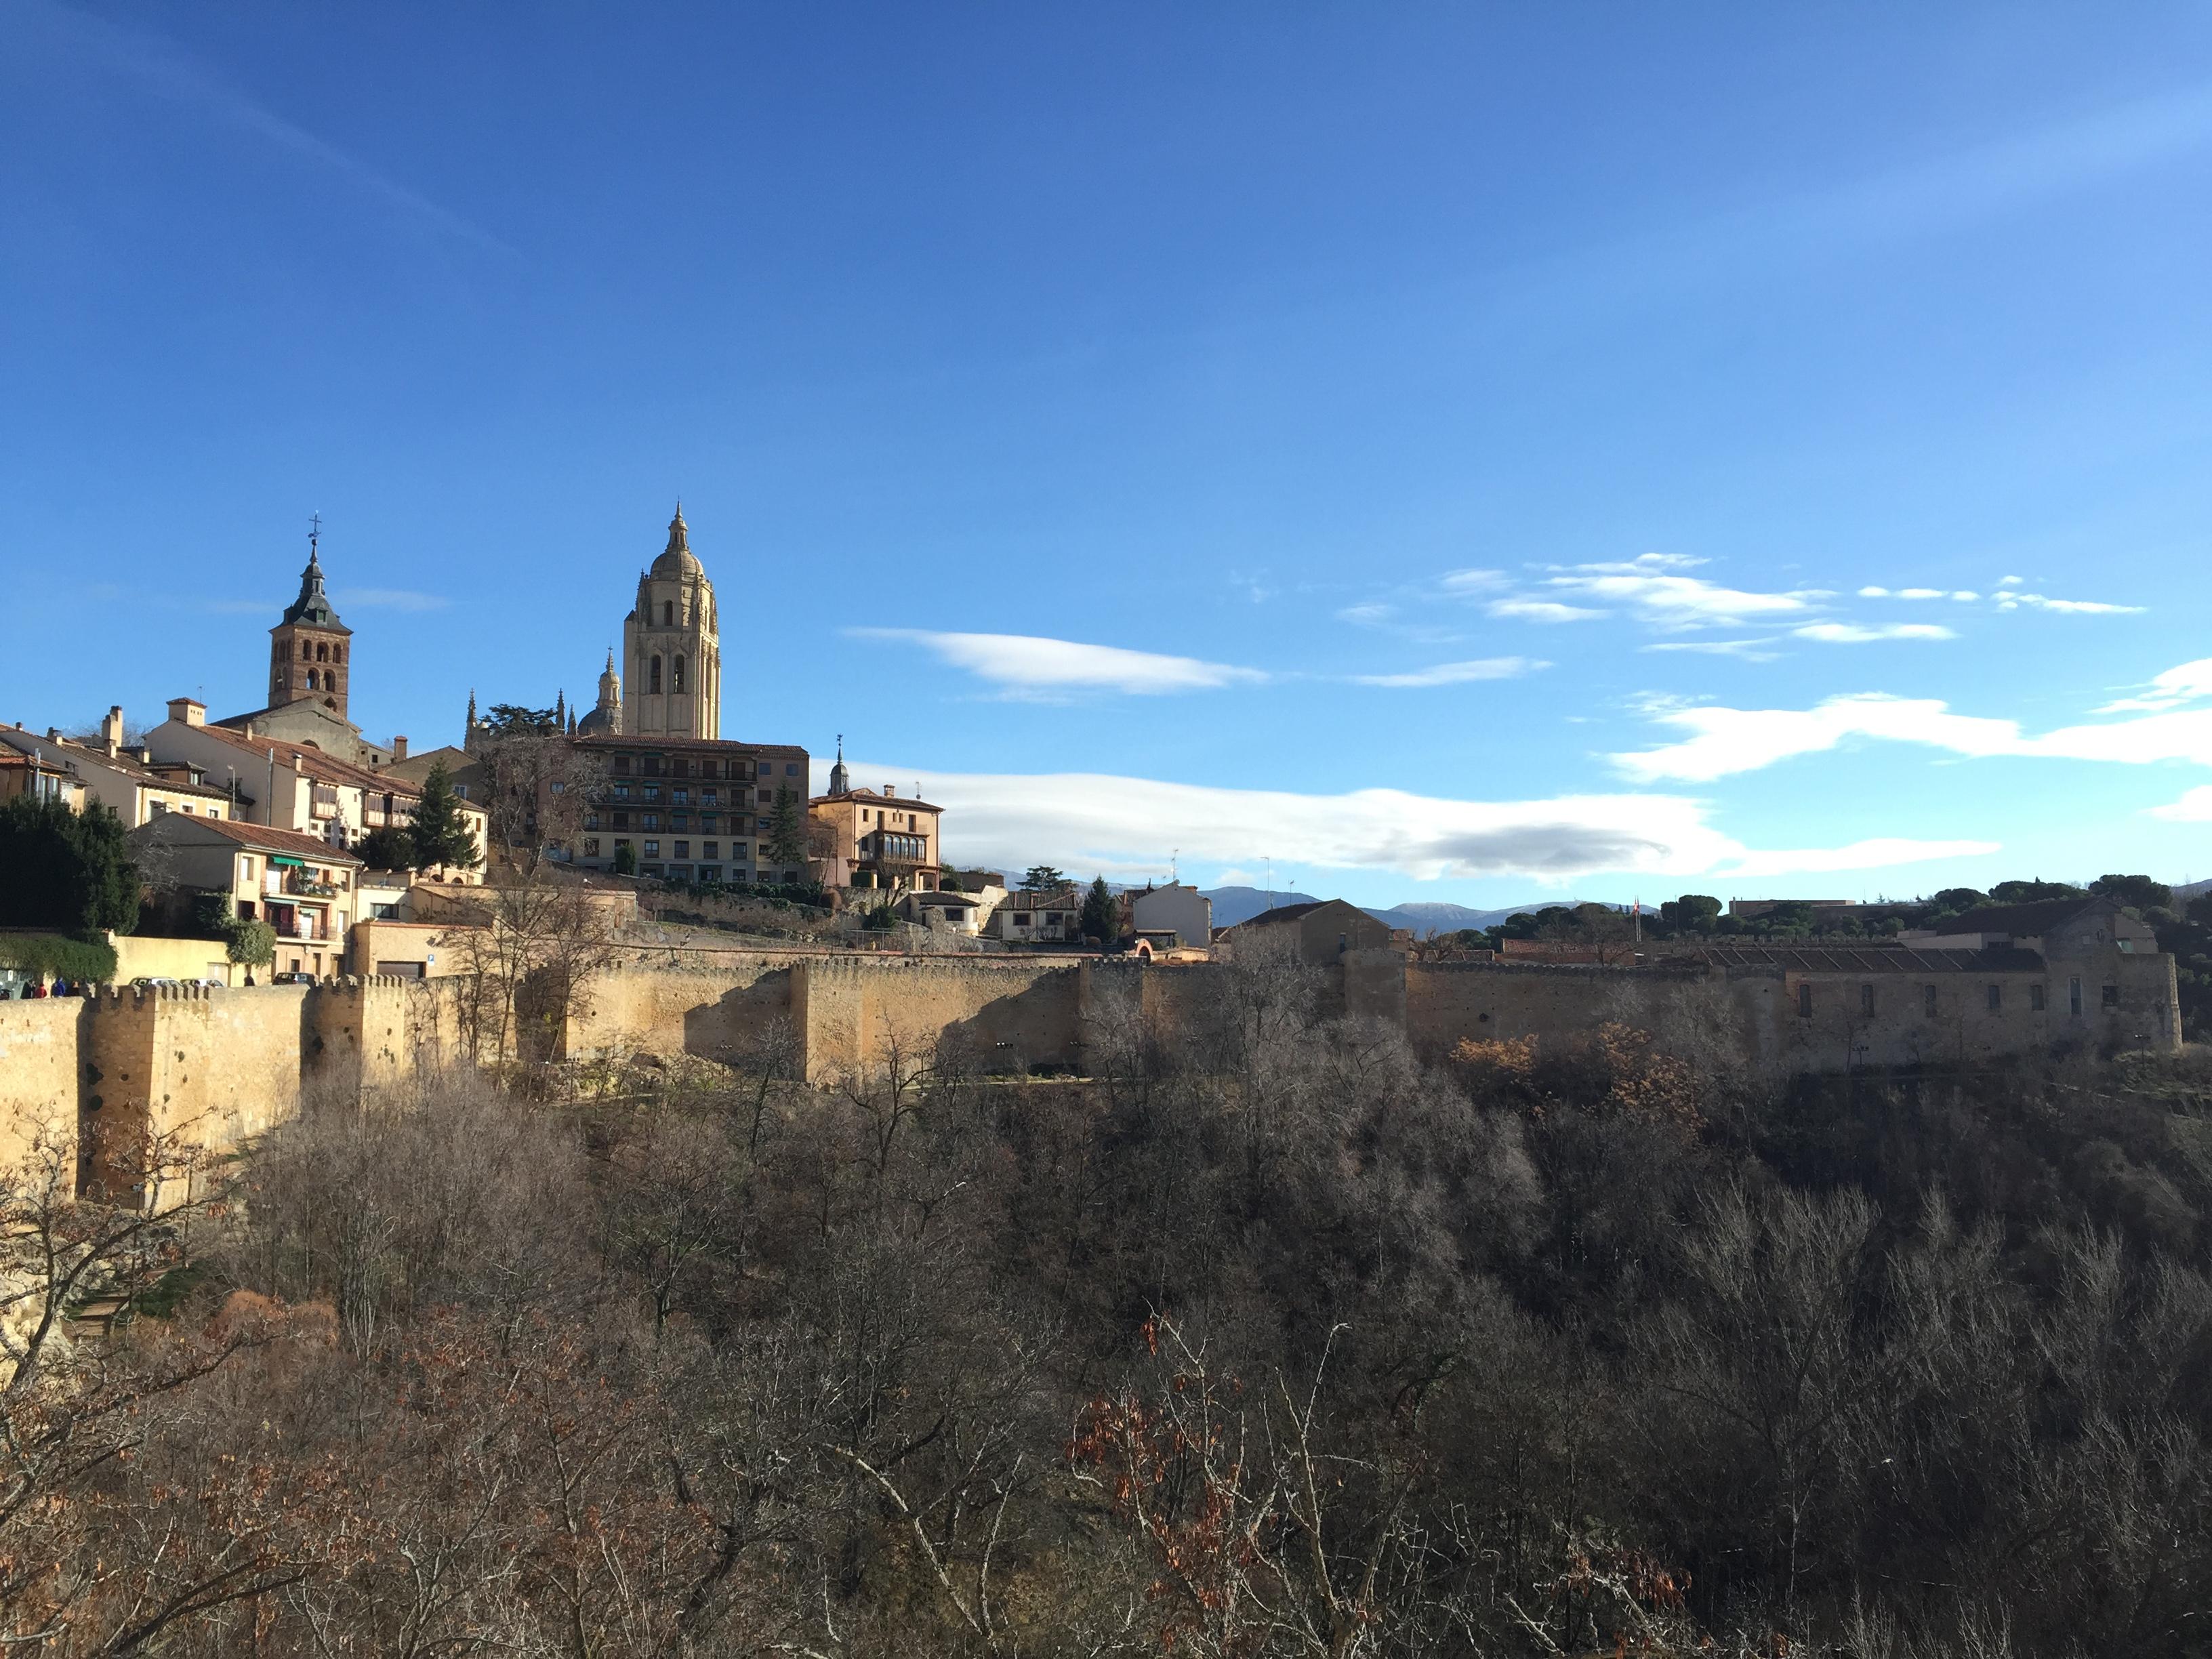 Segovia in winter